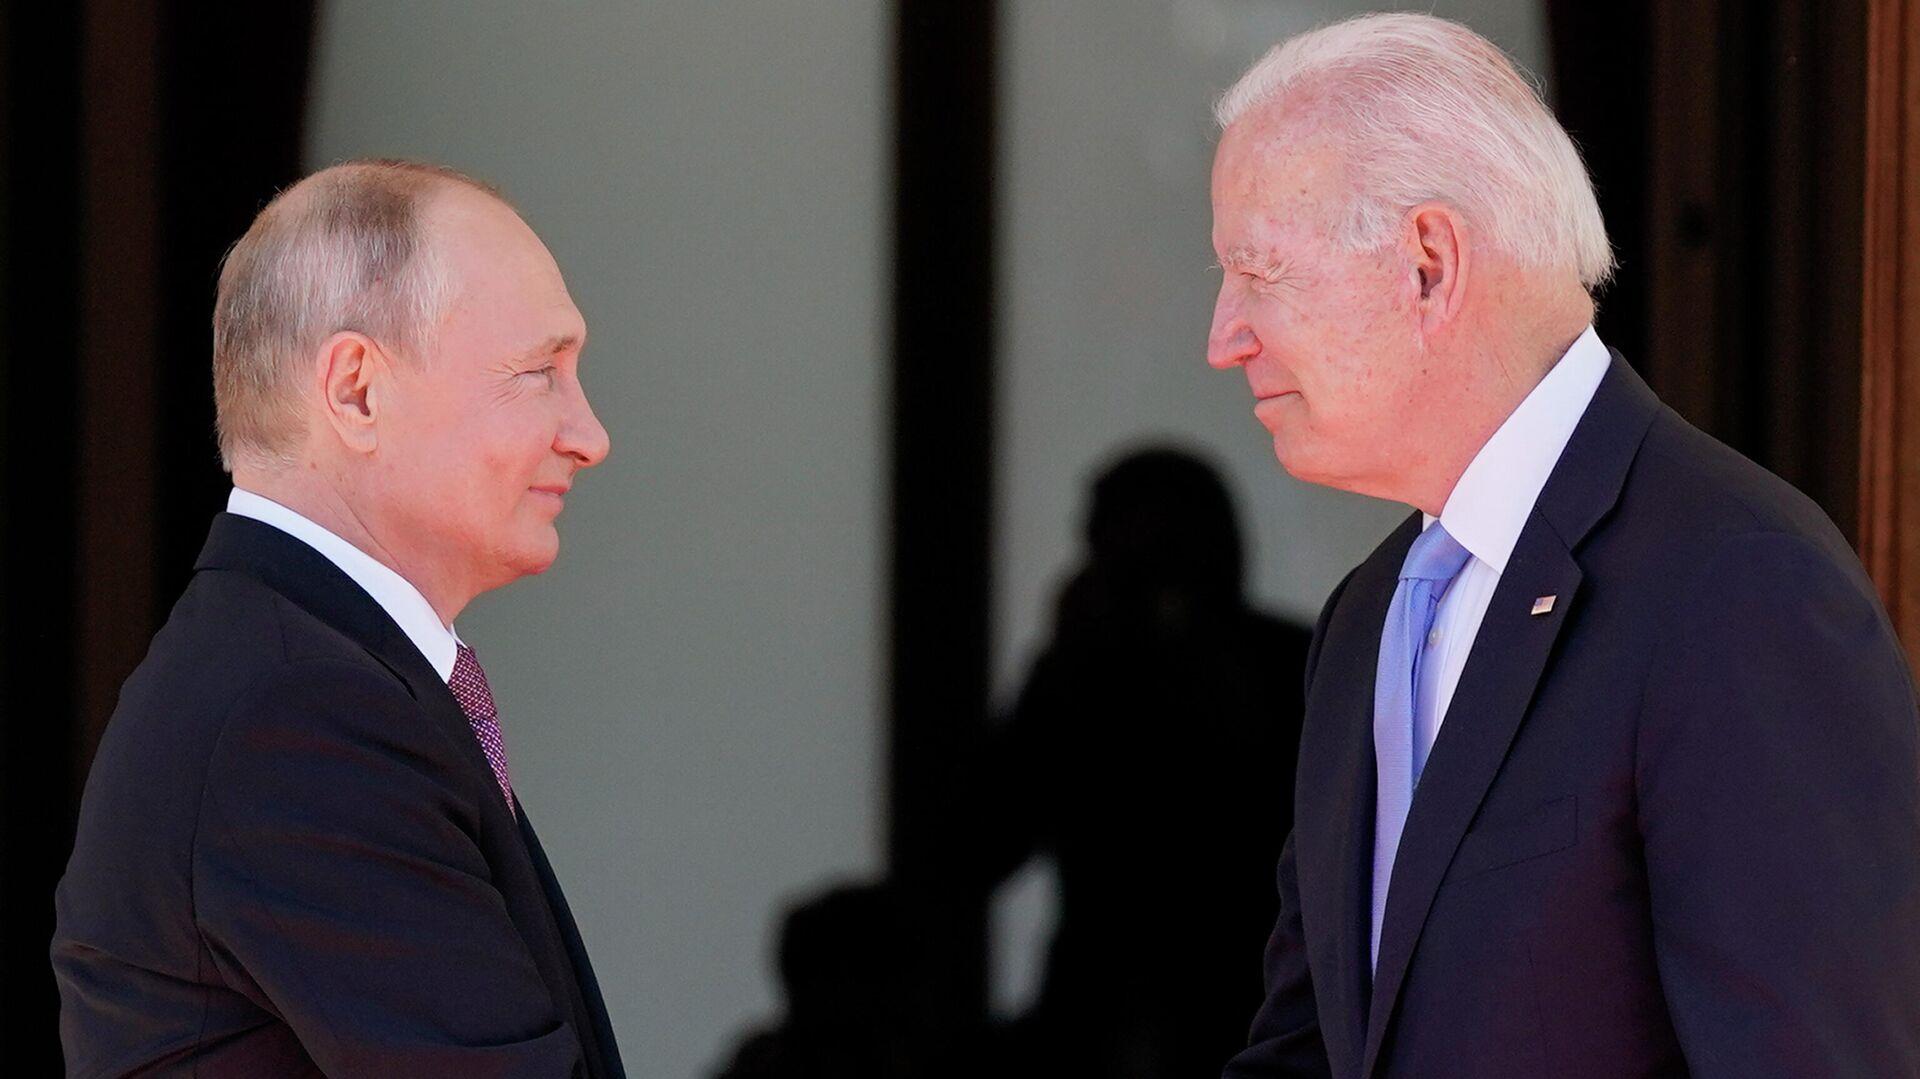 Ολοκληρώθηκαν οι συνομιλίες Πούτιν - Μπάιντεν - Sputnik Ελλάδα, 1920, 07.10.2021